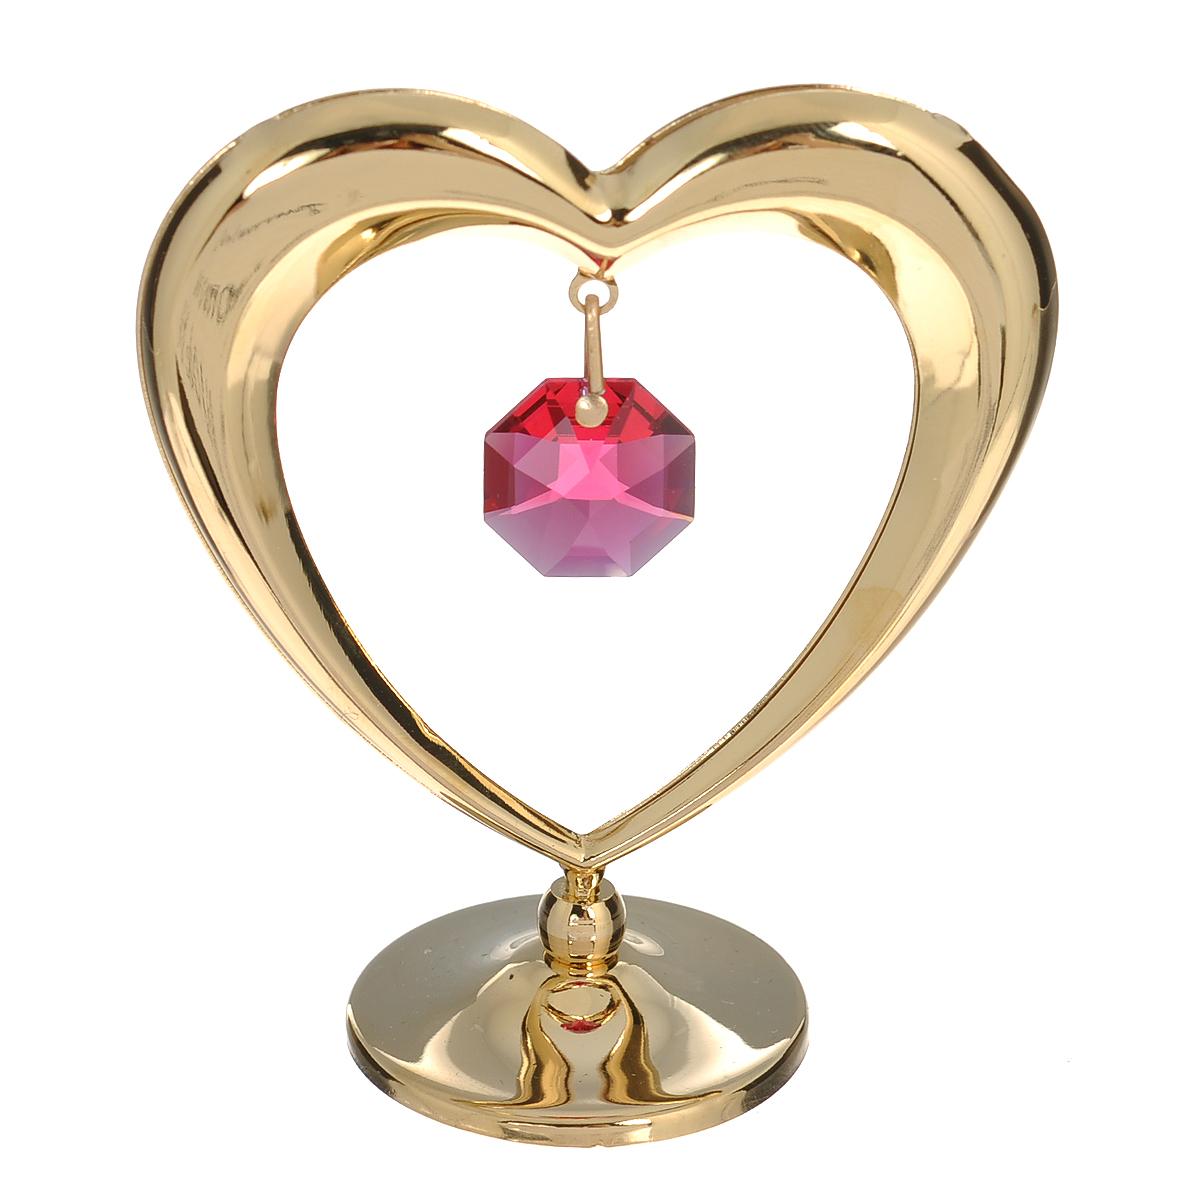 Фигурка декоративная Сердце, цвет: золотистый, красный. 6753467534Притягательный блеск и невероятная утонченность декоративной фигурки Сердце великолепно дополнят интерьер и, несомненно, не останутся без внимания. Фигурка выполнена из металла в виде сердечка с блестящим золотистым покрытием на шаровидной подставке и украшена кристаллом Swarovski. Декоративная фигурка Сердце послужит прекрасным подарком ценителю изысканных и элегантных вещиц. Характеристики:Материал: металл, кристаллы Swarovski. Размер фигурки: 6 см х 0,5 см х 7 см. Цвет: золотистый, красный. Артикул: 67534.